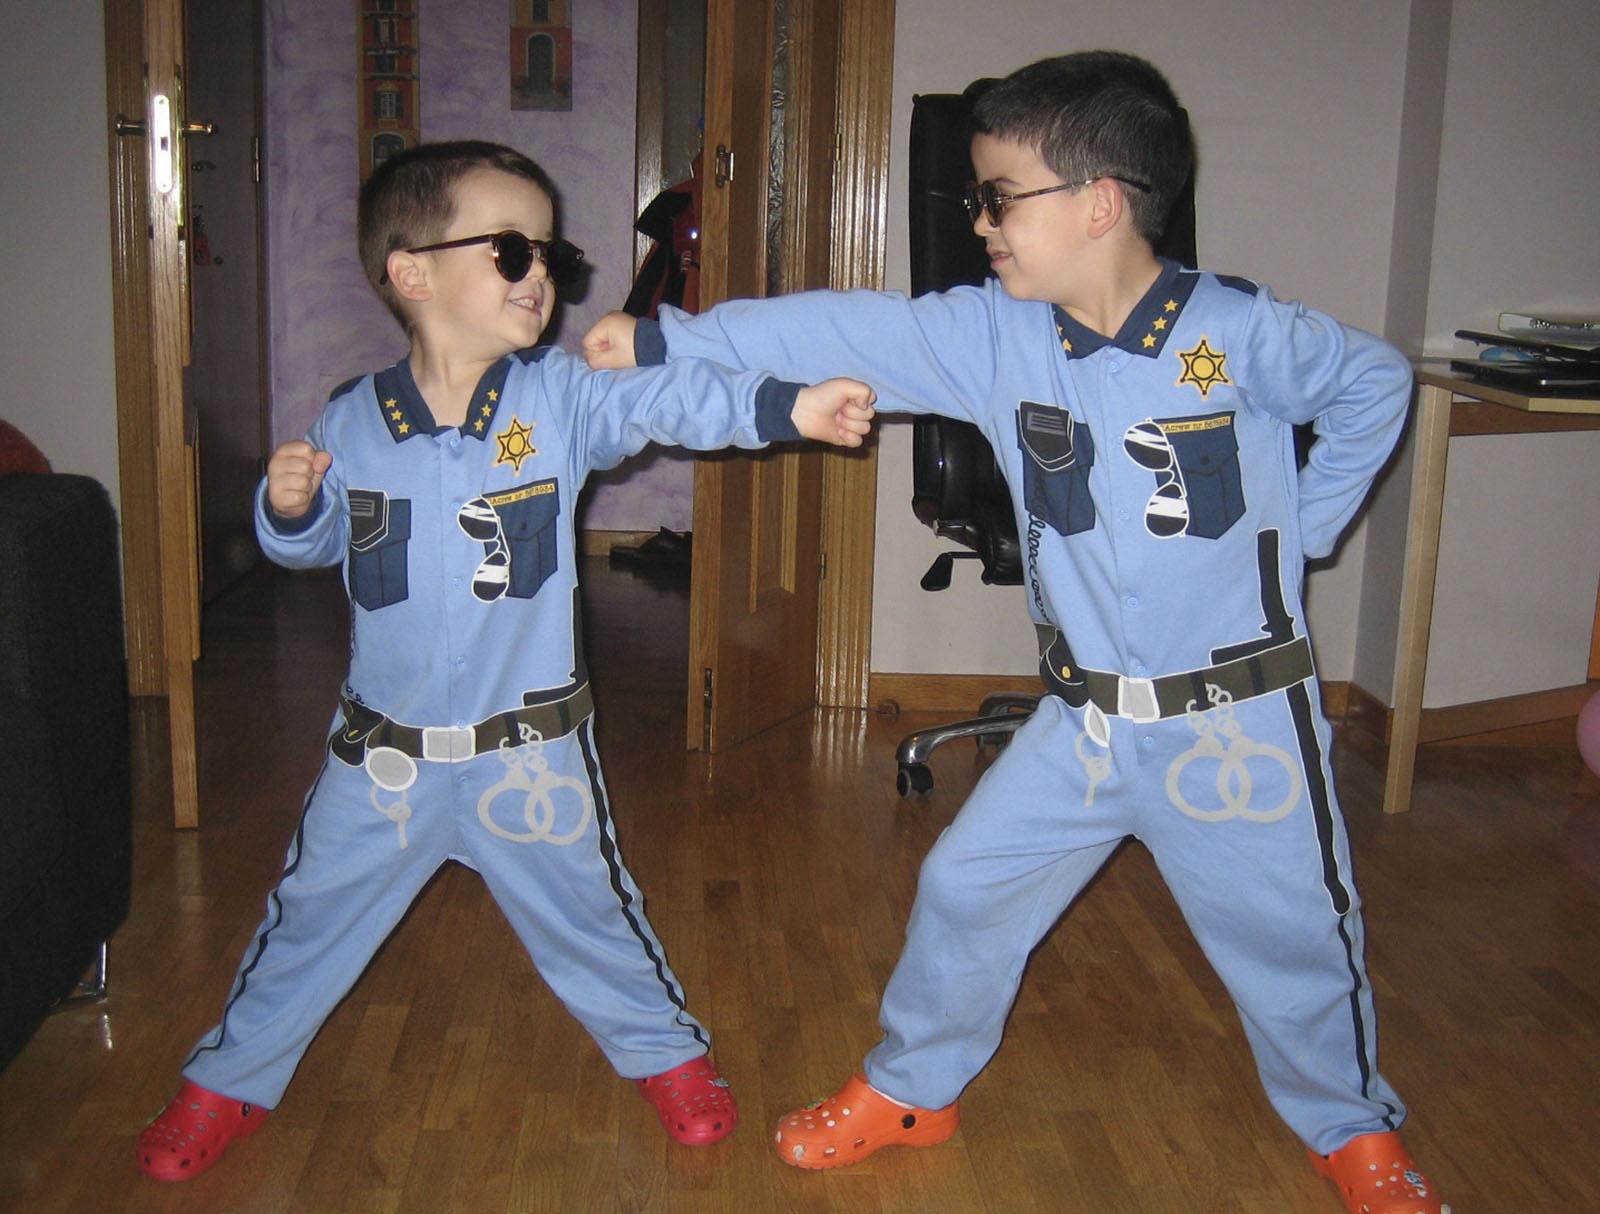 Cómic policia niños original